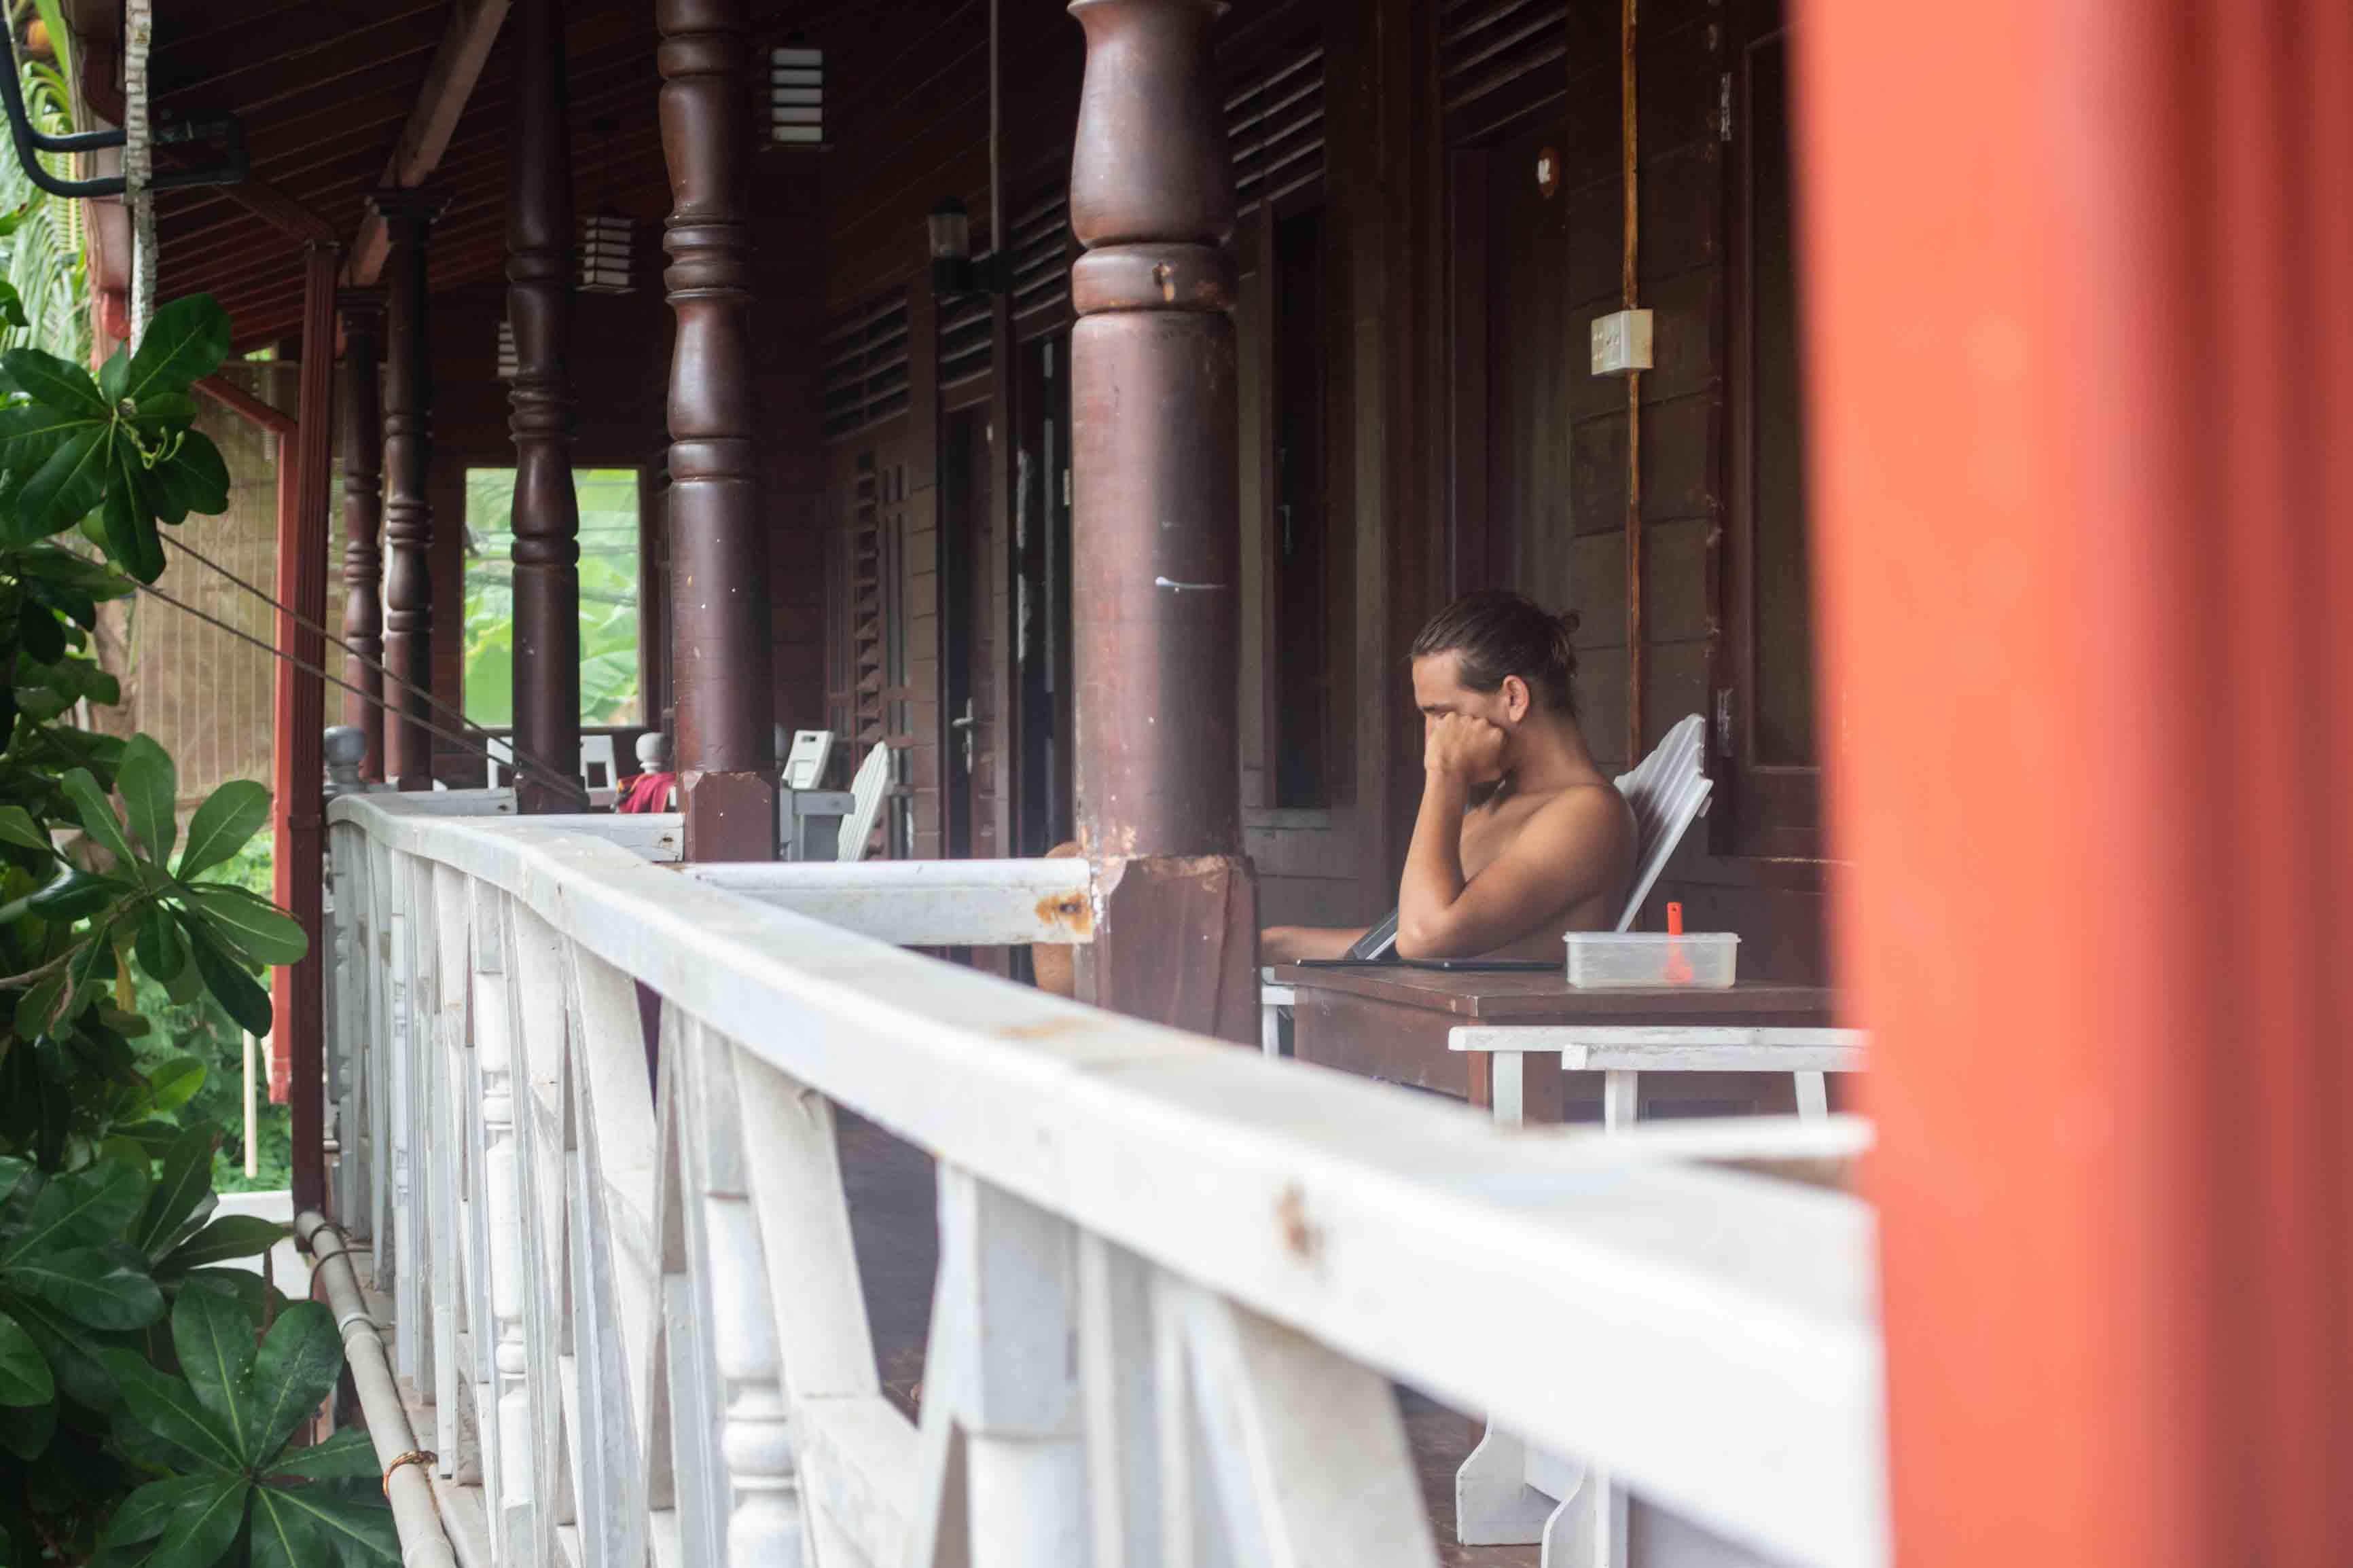 Krank im Hostel in Mirissa - eines der schlimmsten Erlebnisse auf der Weltreise